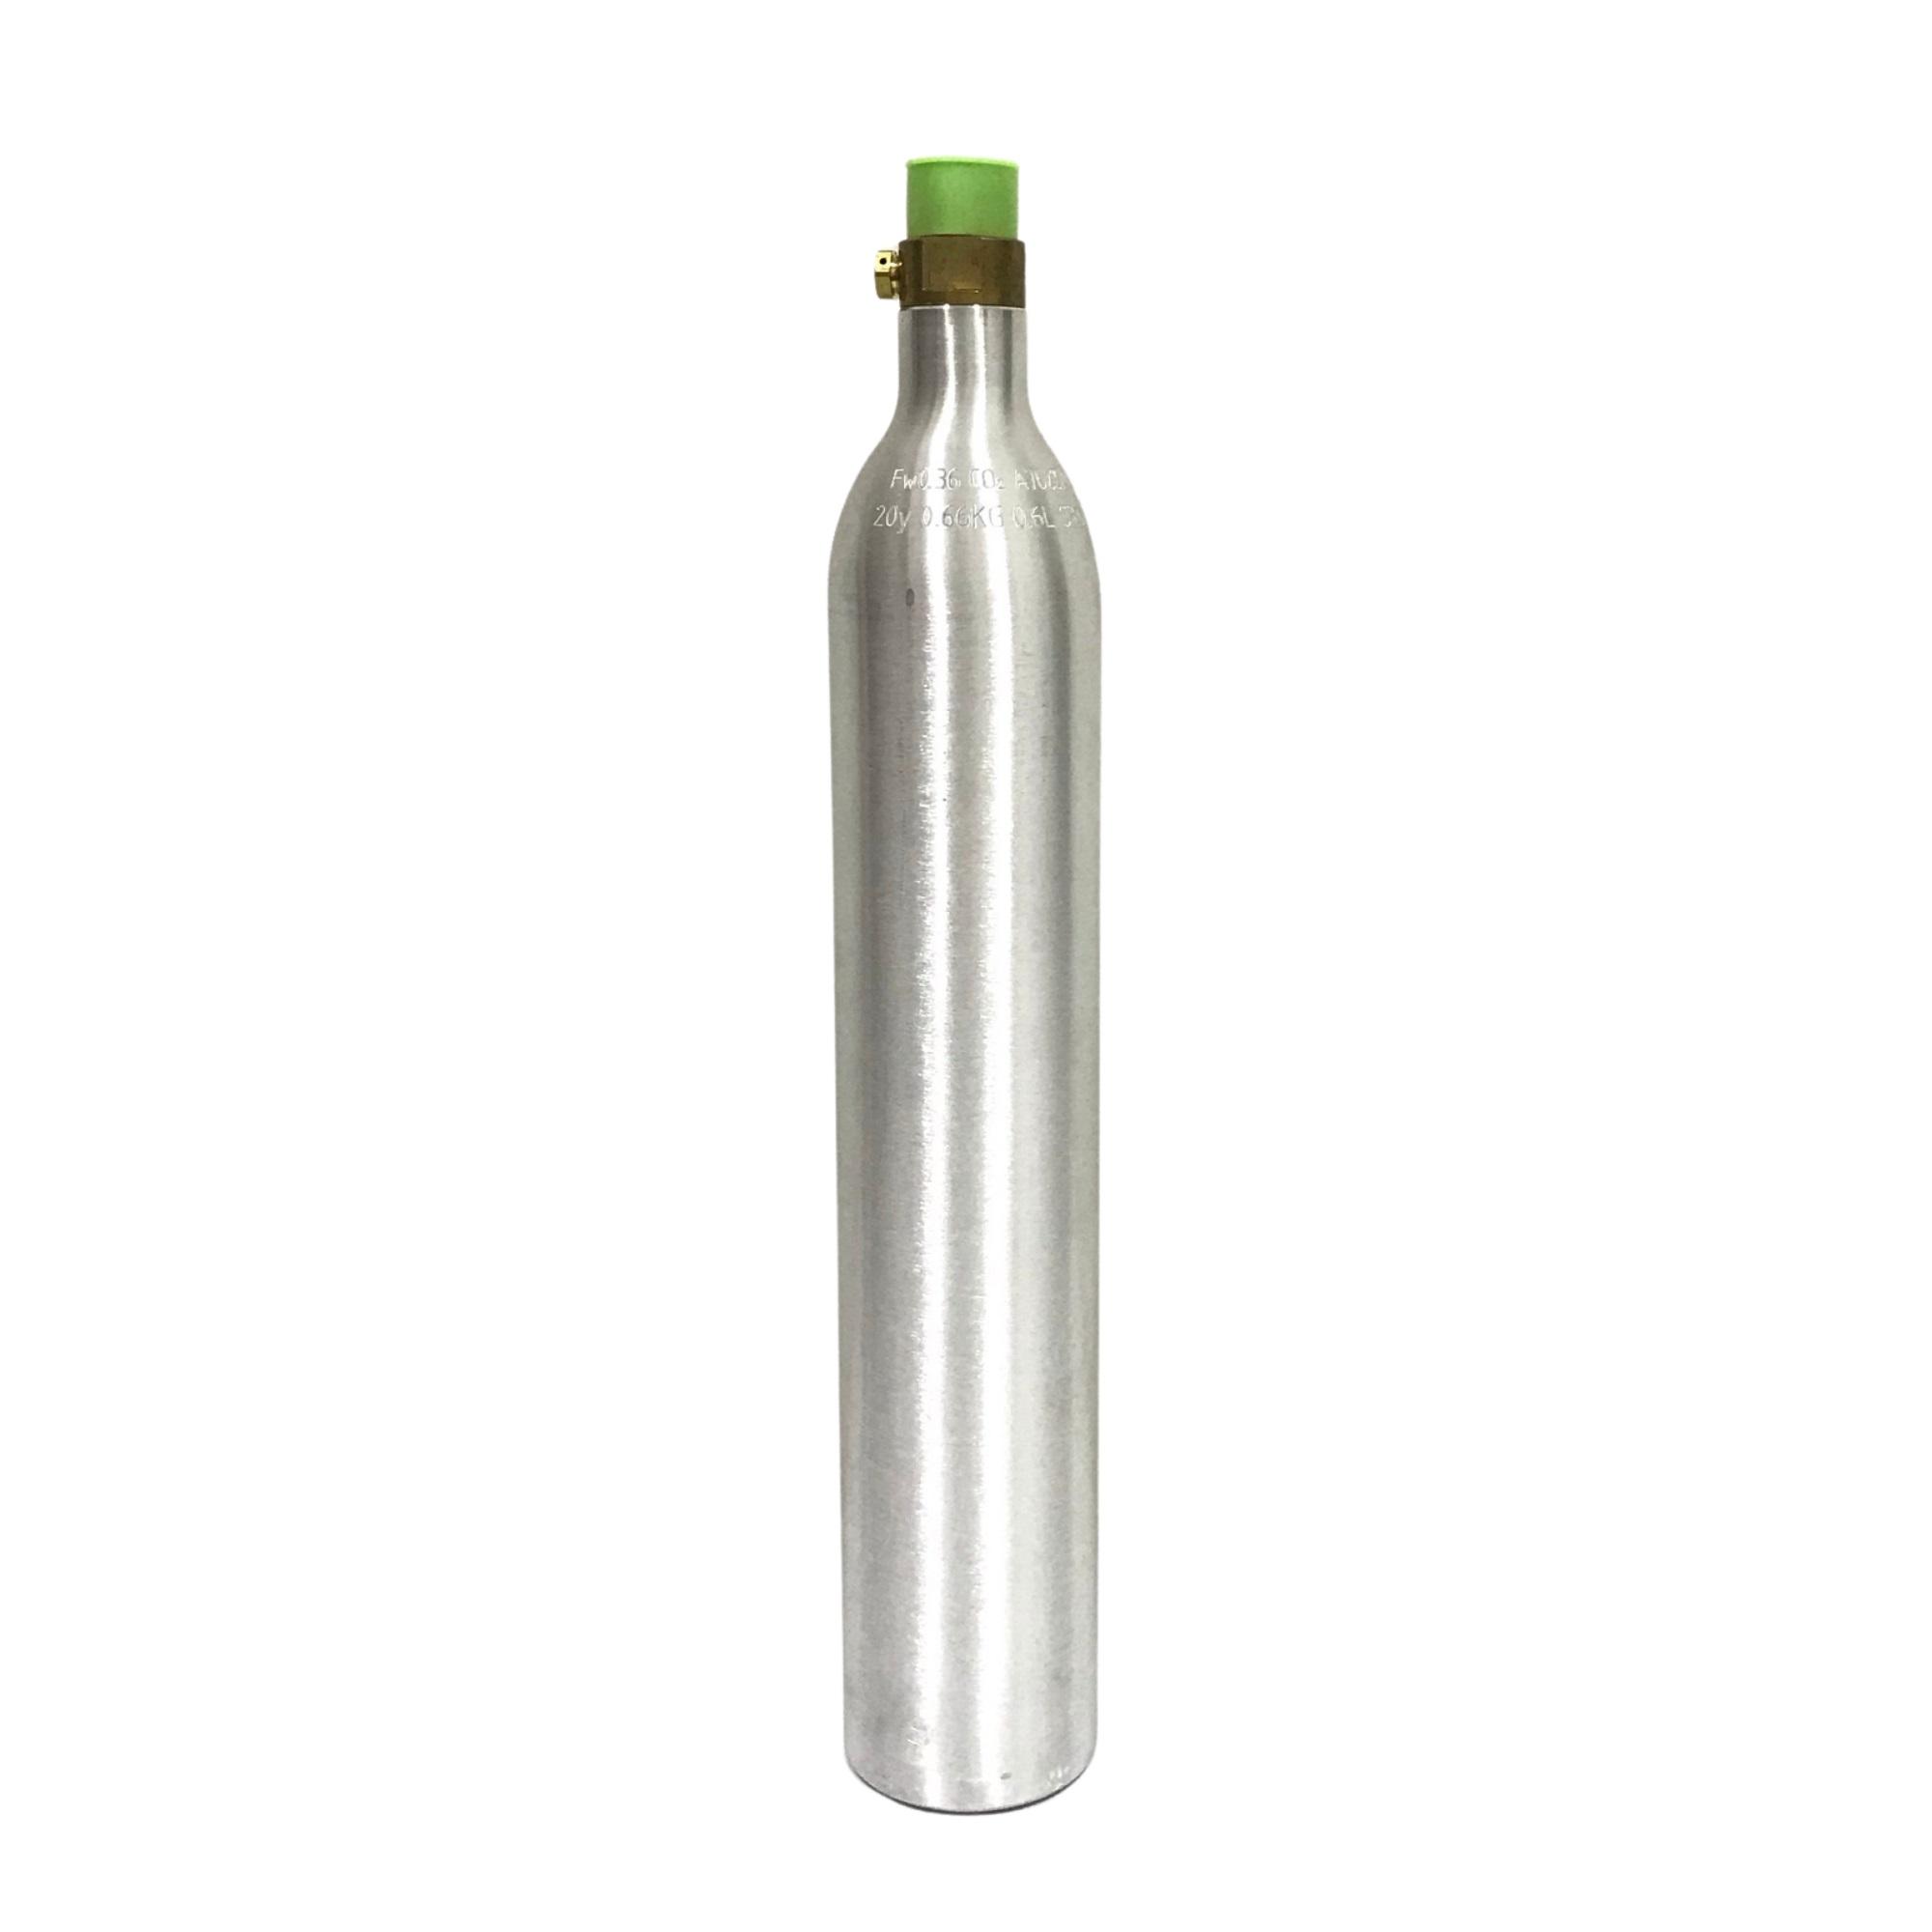 Cilindro em Alumínio para CO2 Portátil - Capacidade 400g (Vazio)